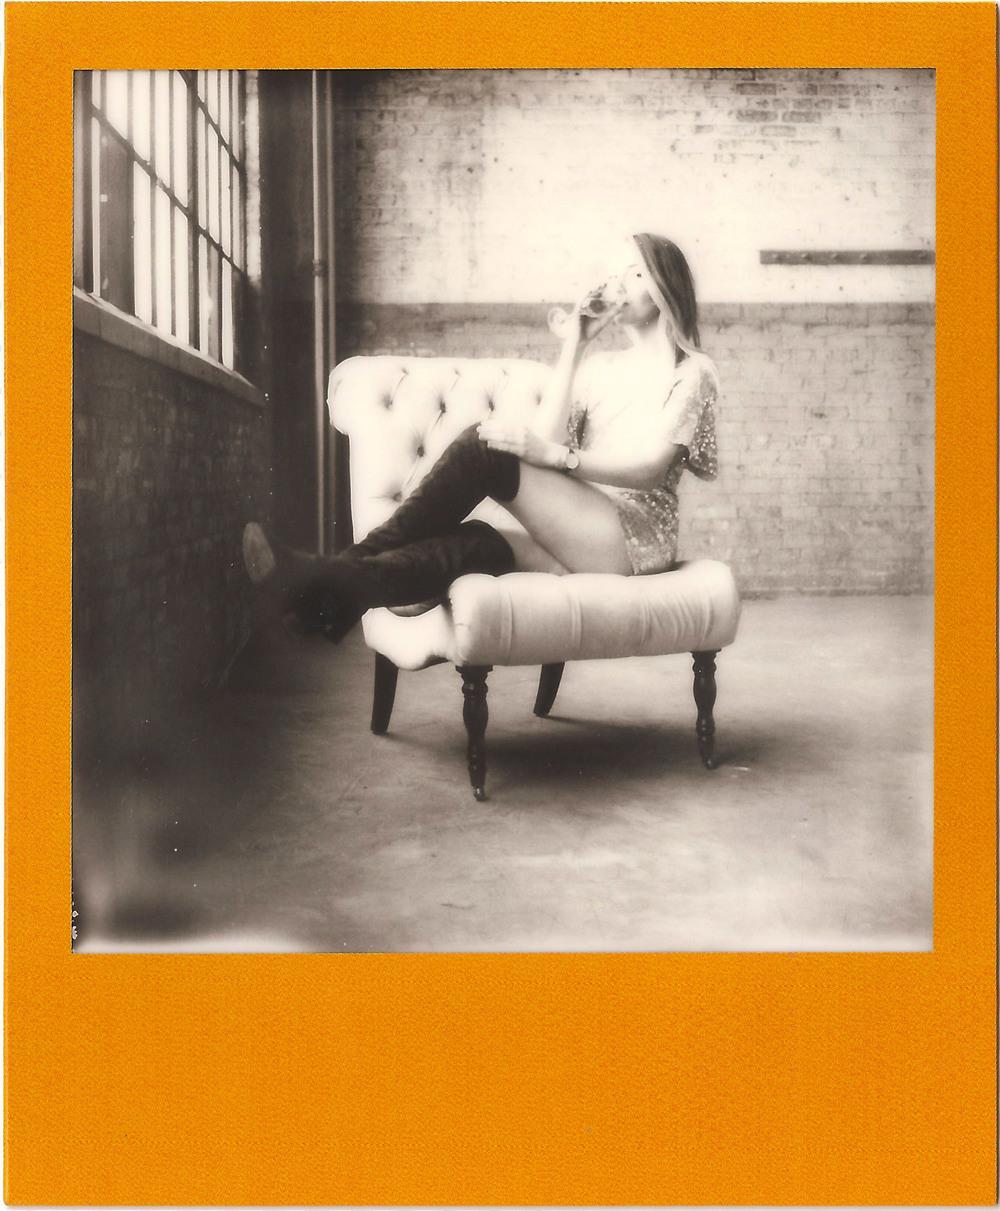 1x1-Chair.jpg